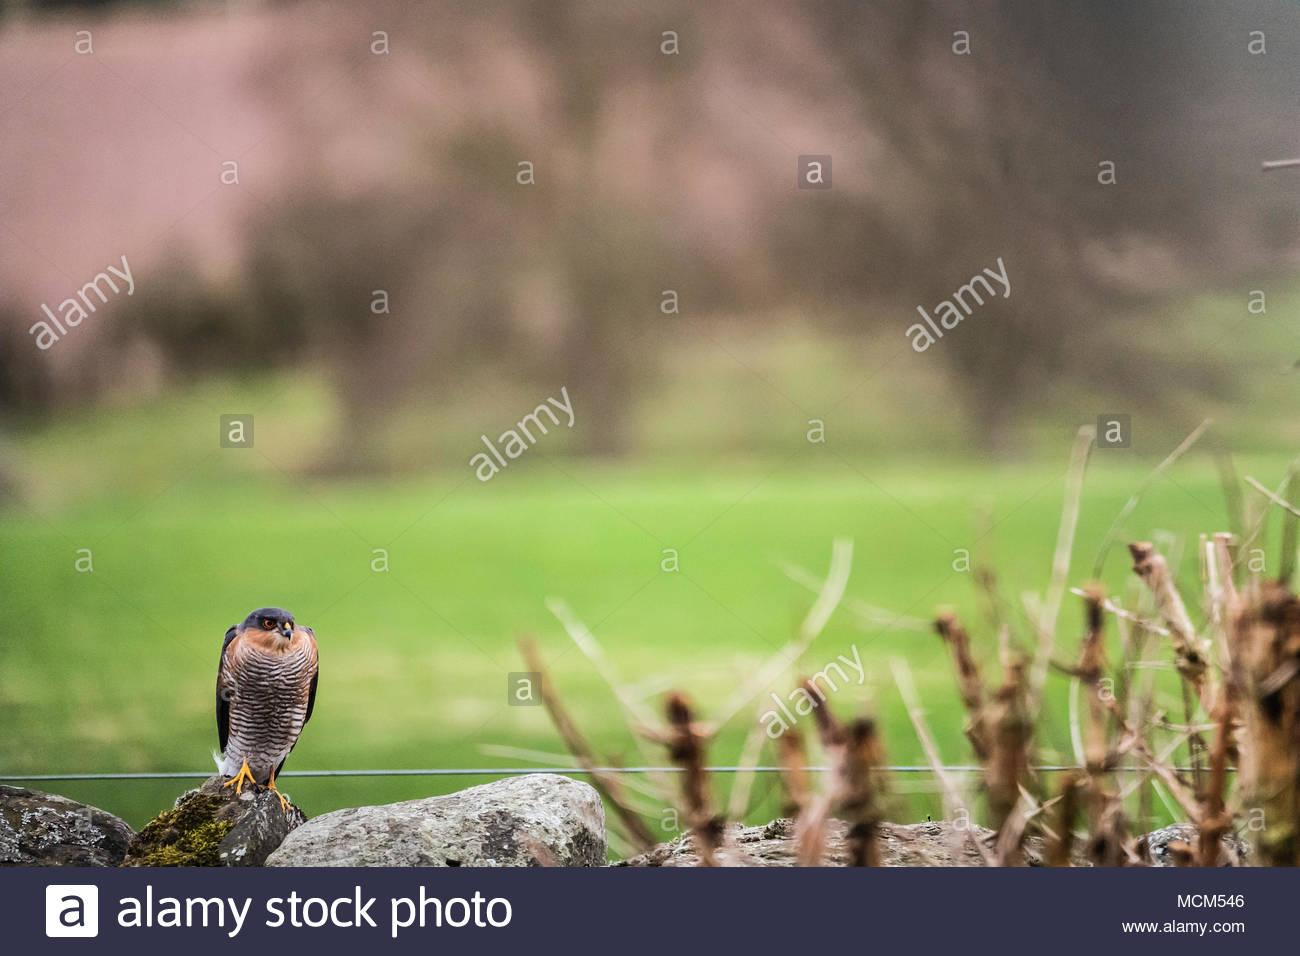 Ein männlicher Sperber (Accipiter nisus) wacht in Verfahren aus einem Garten Wand in Oxnam Dorf in den schottischen Borders. Stockfoto